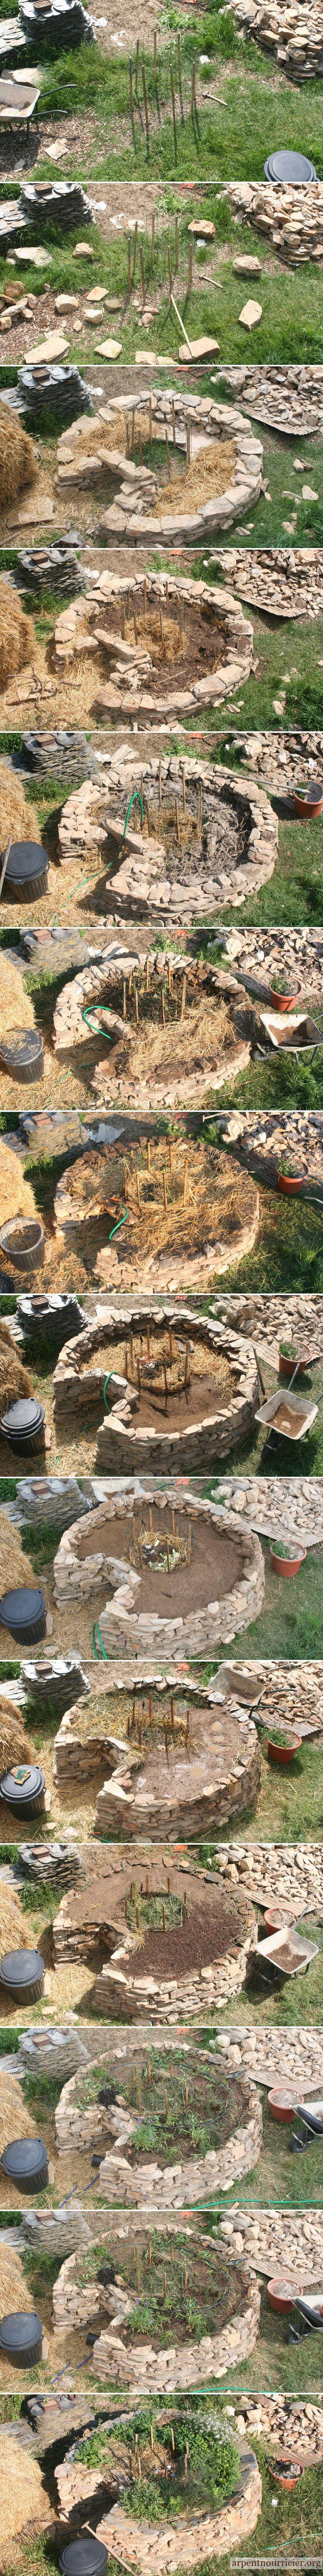 """L'ONG Send-A-Cow qui l'y promeut l'a baptisée Keyhole Garden. C'est très différent du simple keyhole bed qu'on voit dans tous les bouquins de permaculture et dans lequel le trou central sert simplement à accéder à une butte qui mériterait plutôt d'être appelée butte en """"fer-à-cheval""""..."""